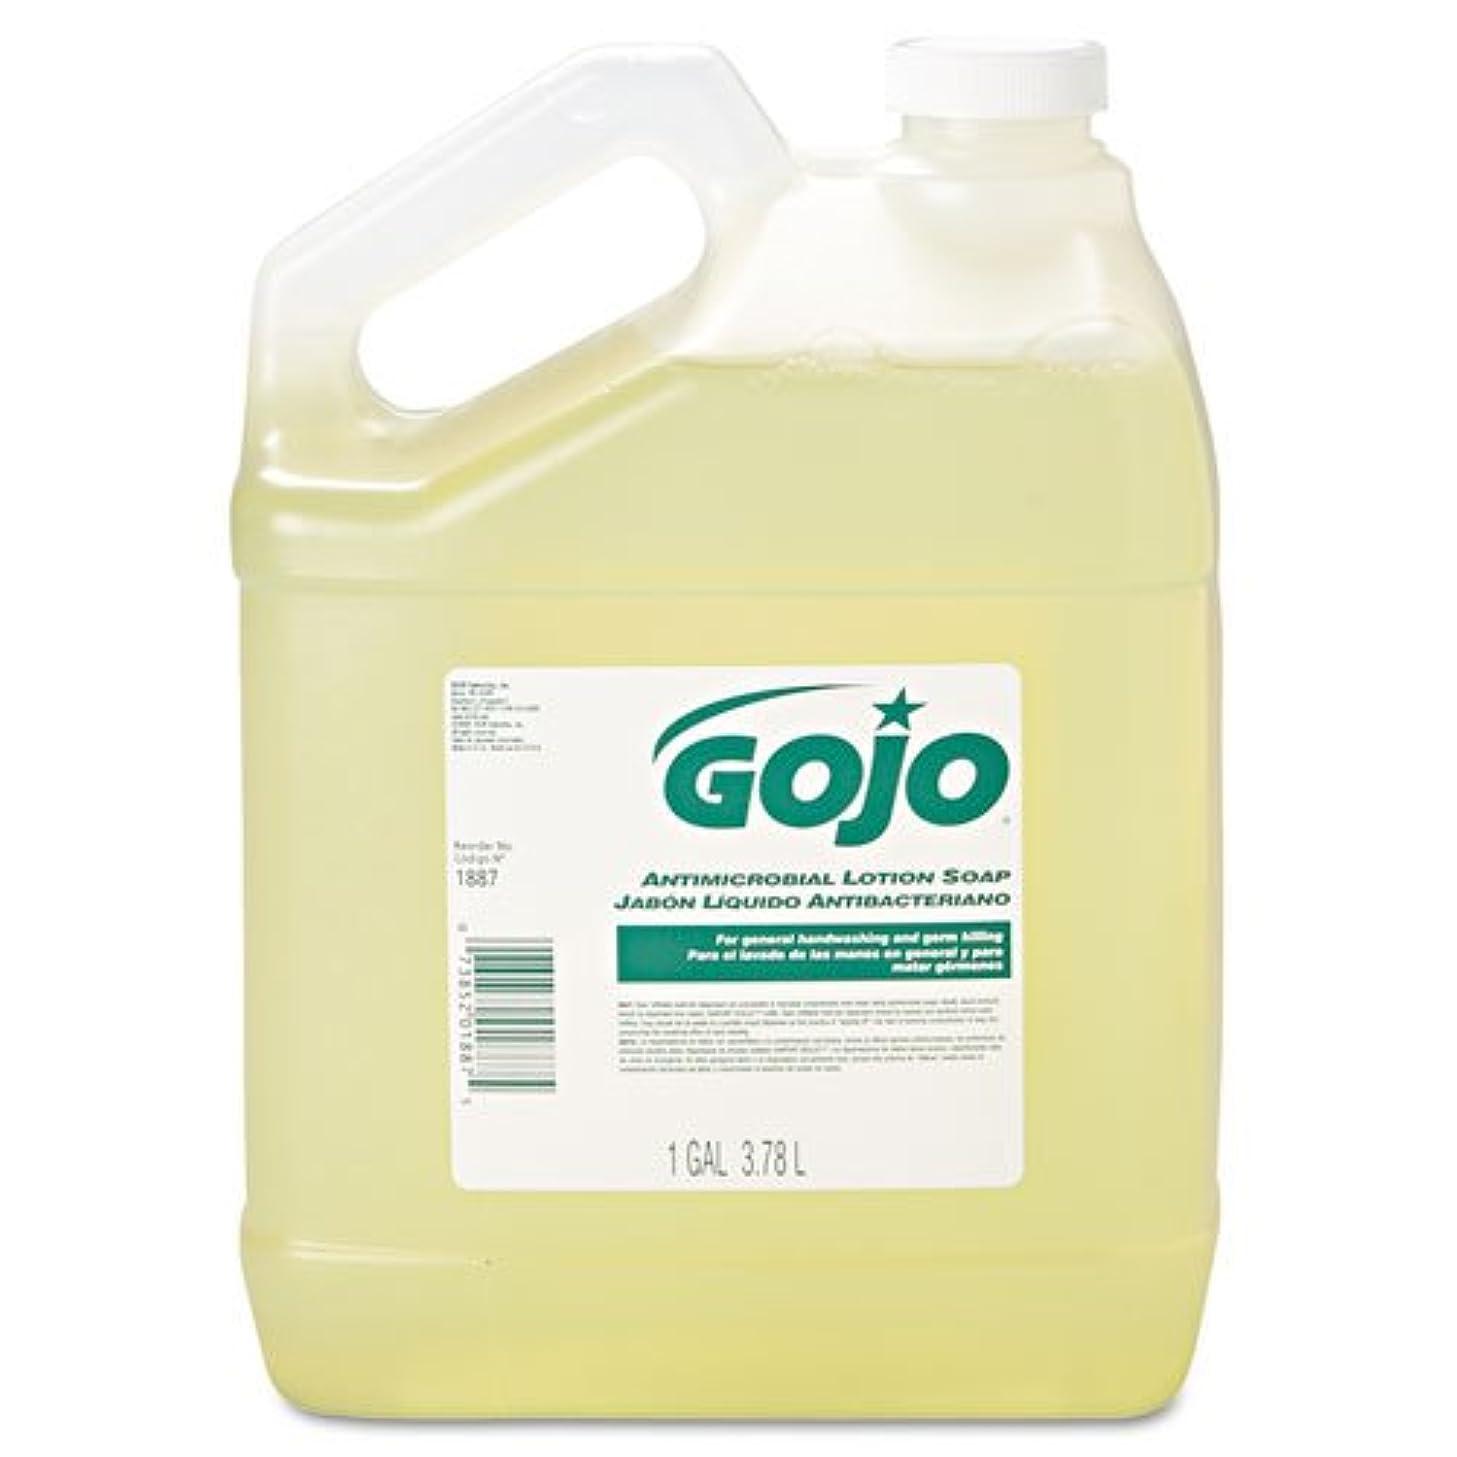 露出度の高いパッド不利goj188704 – 抗菌ローションソープ